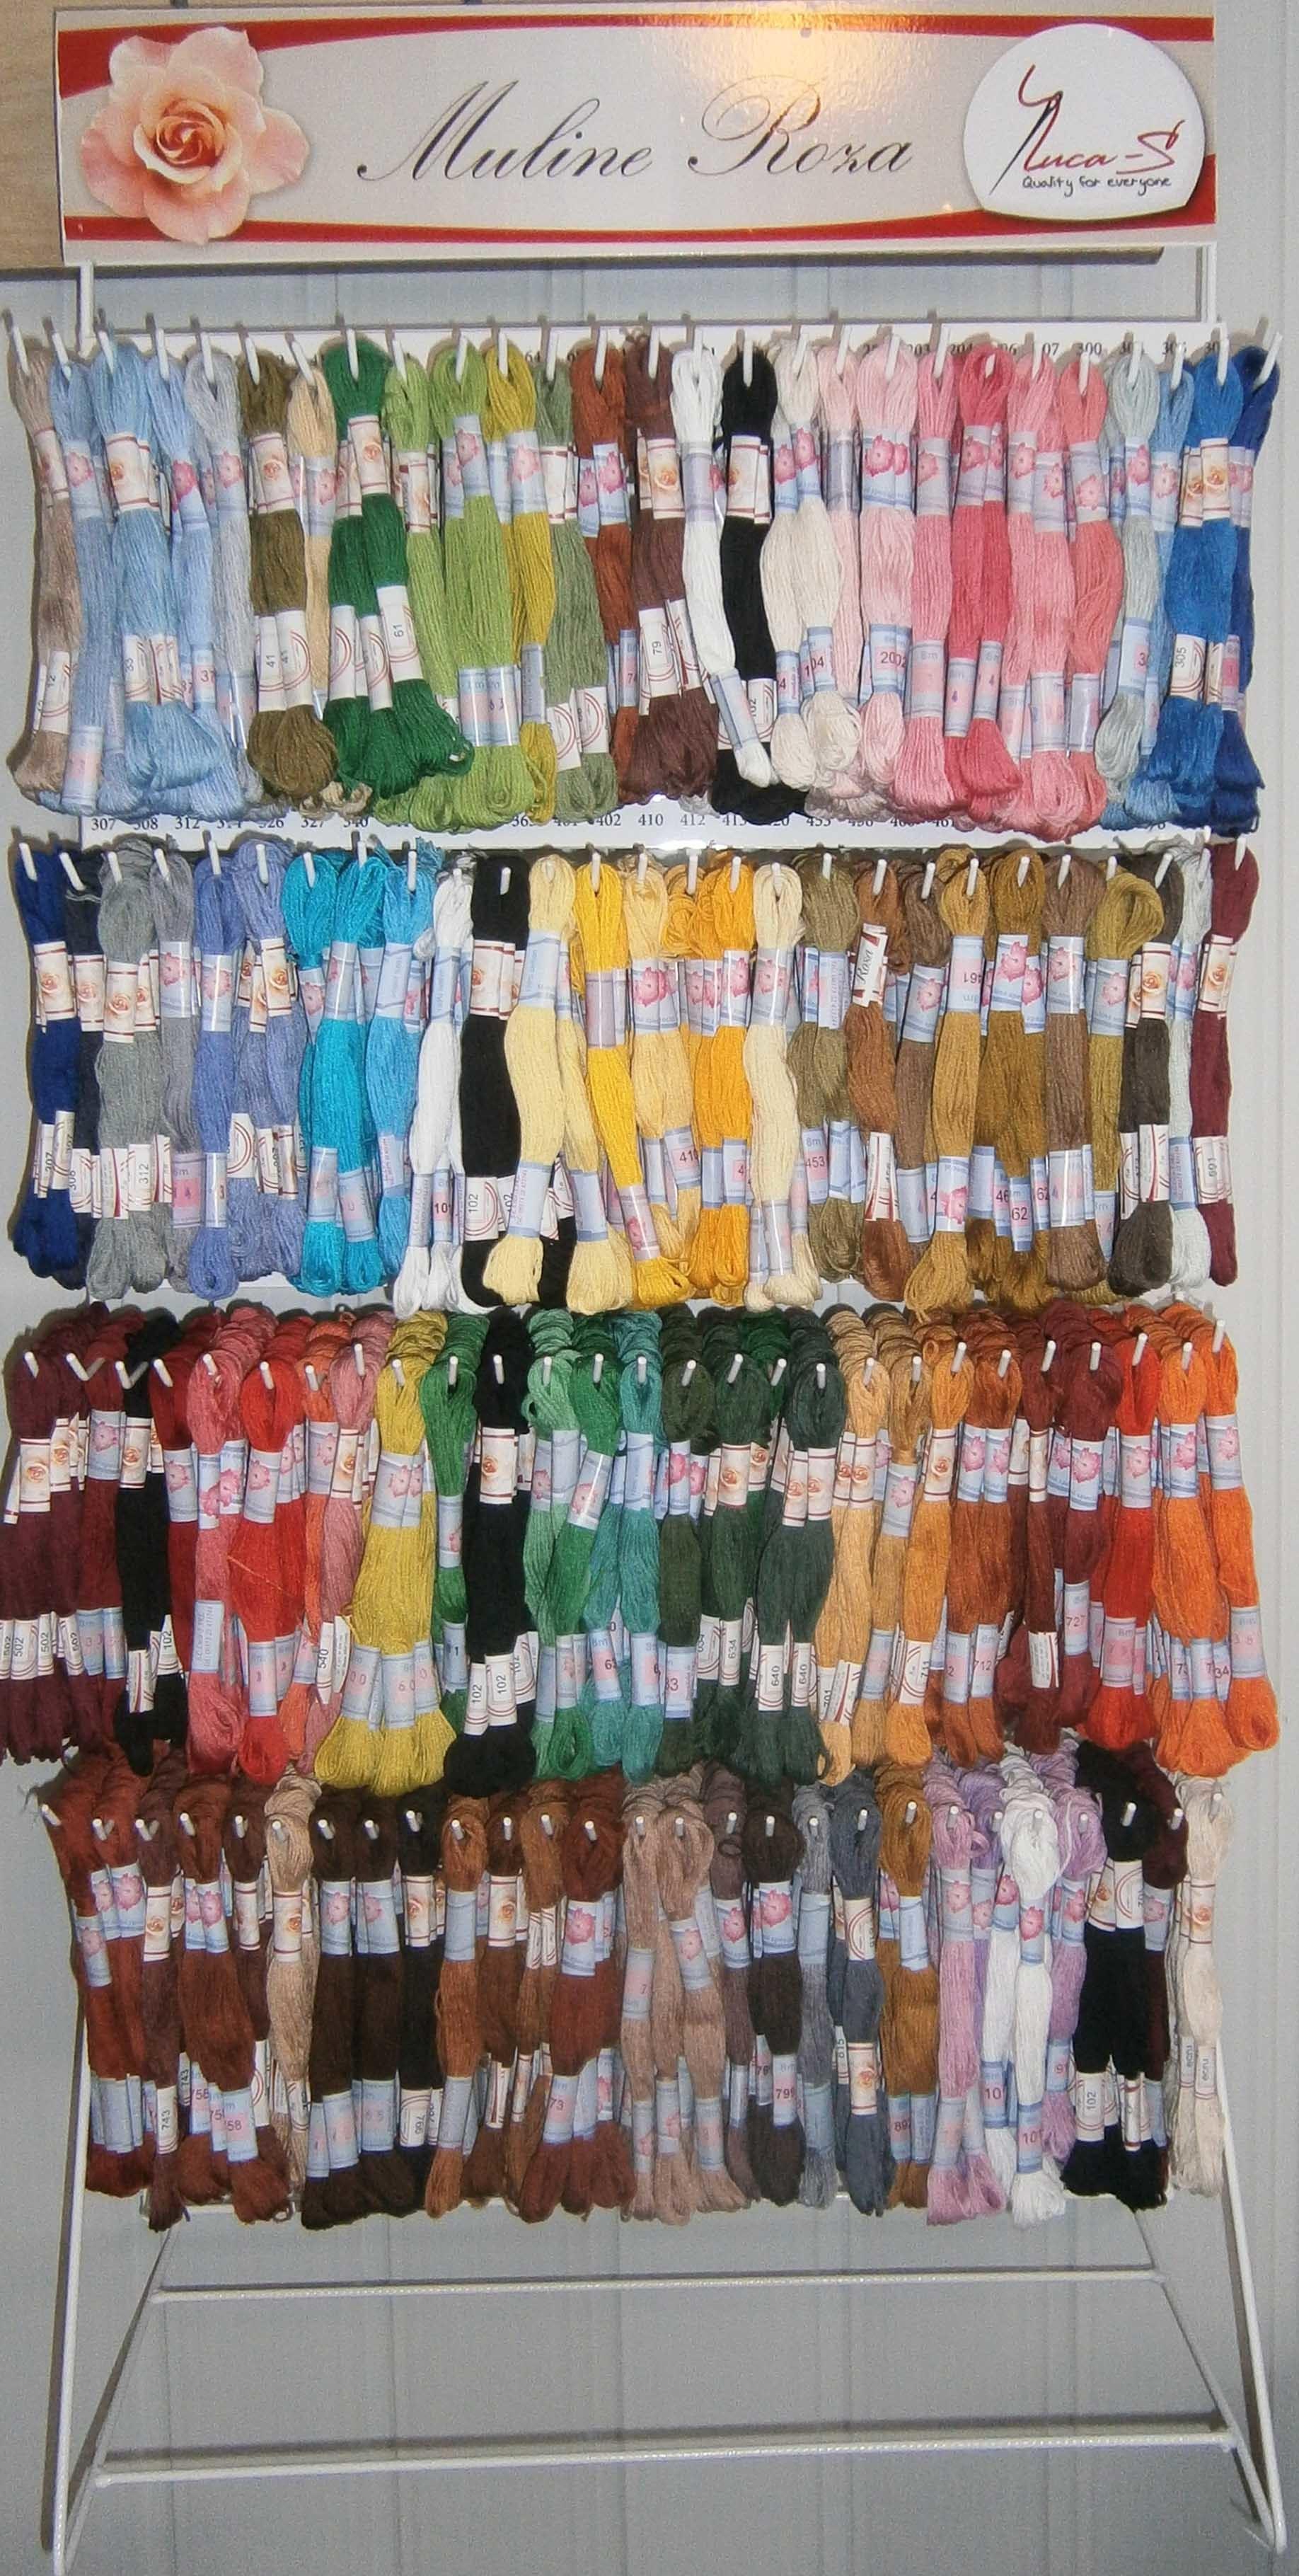 ВСІ Нитки MULINE ROSA для вишивання - 108 кольорів ( упаковка - 12 мотків  по 8 м.) c12dff1a09d02